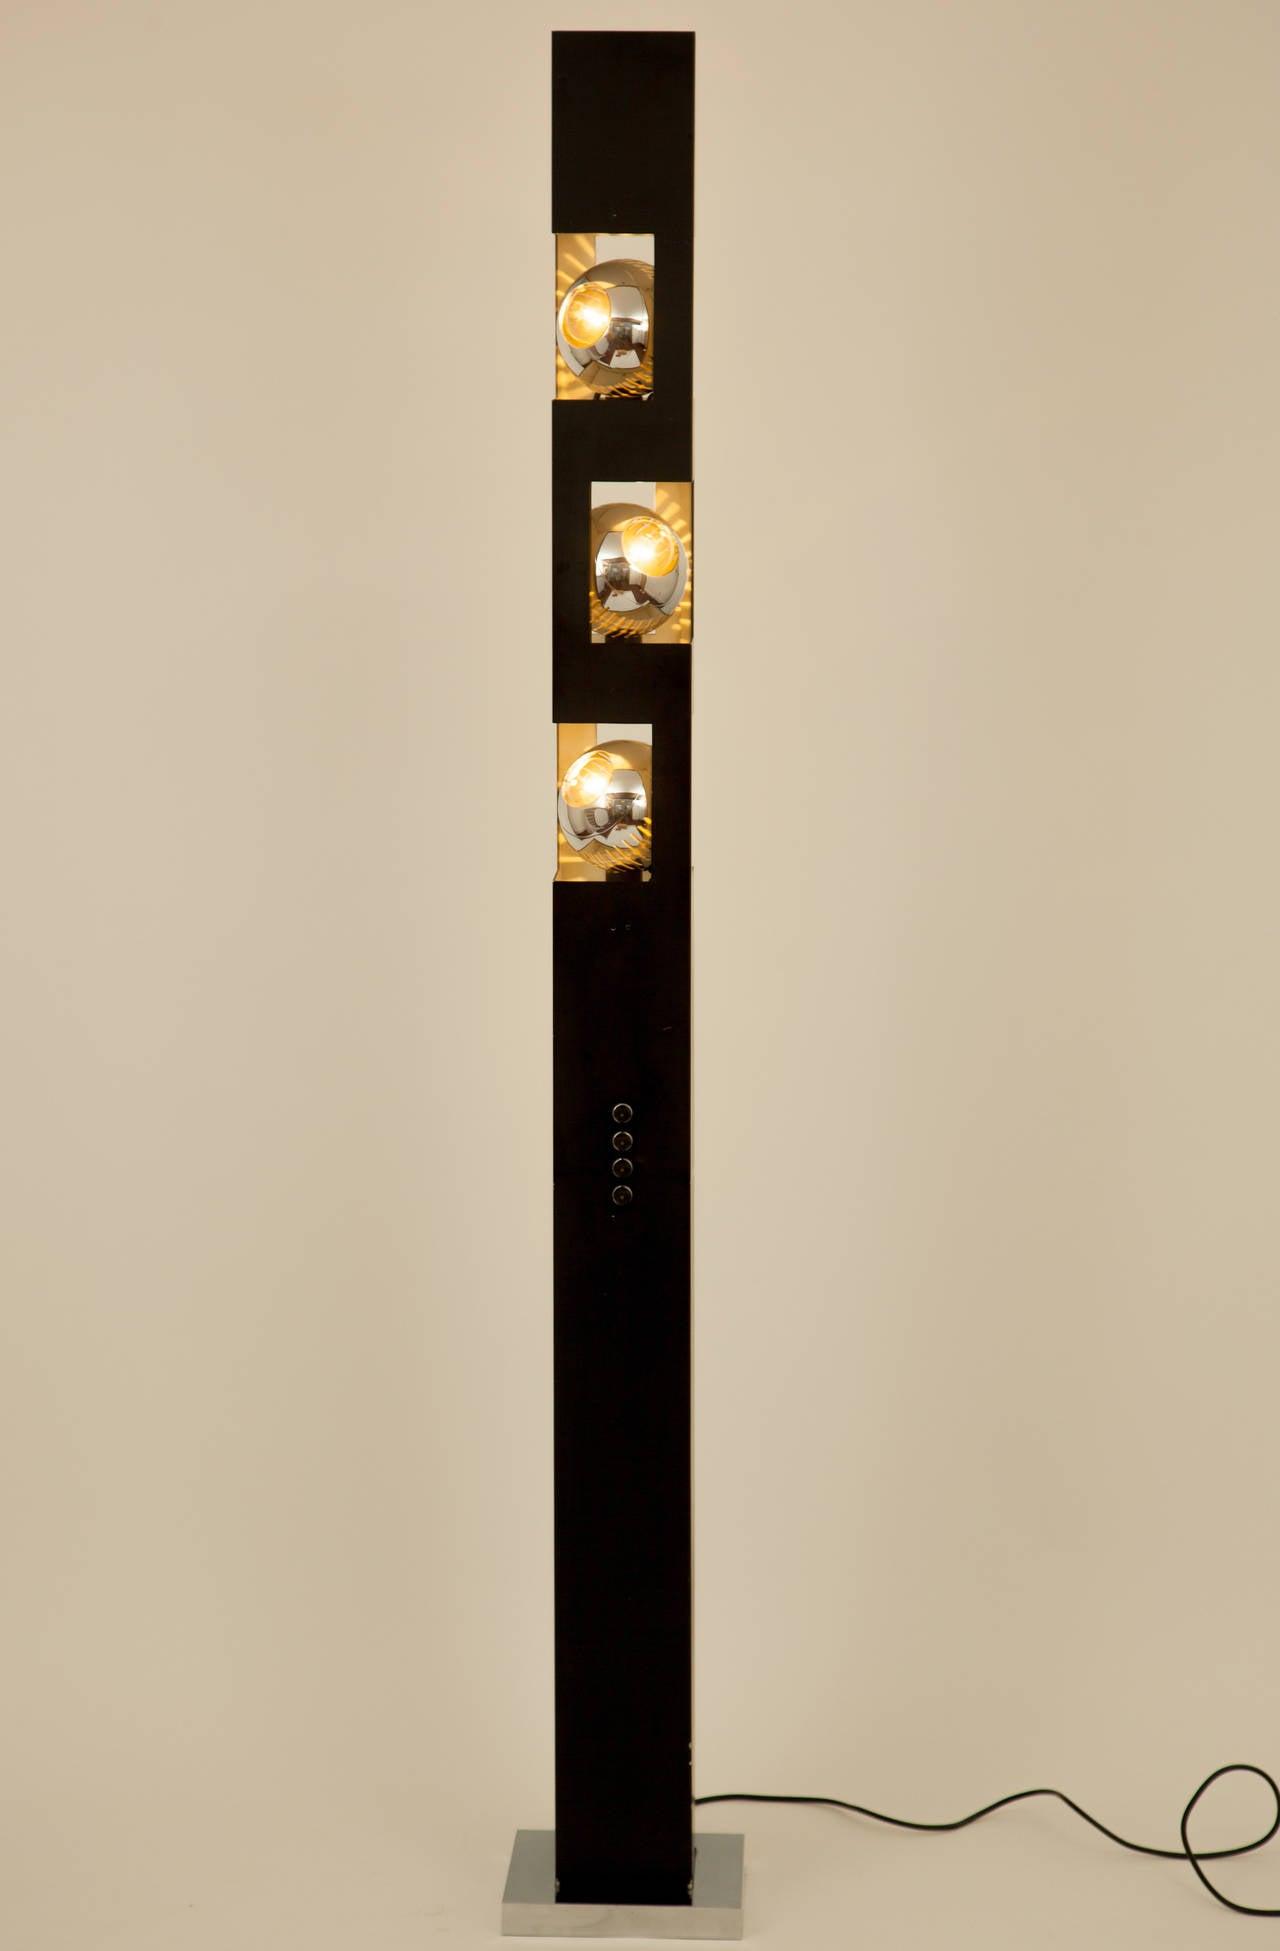 Rare angelo lelli for arredoluce triple eyeball floor lamp for Arredo luce